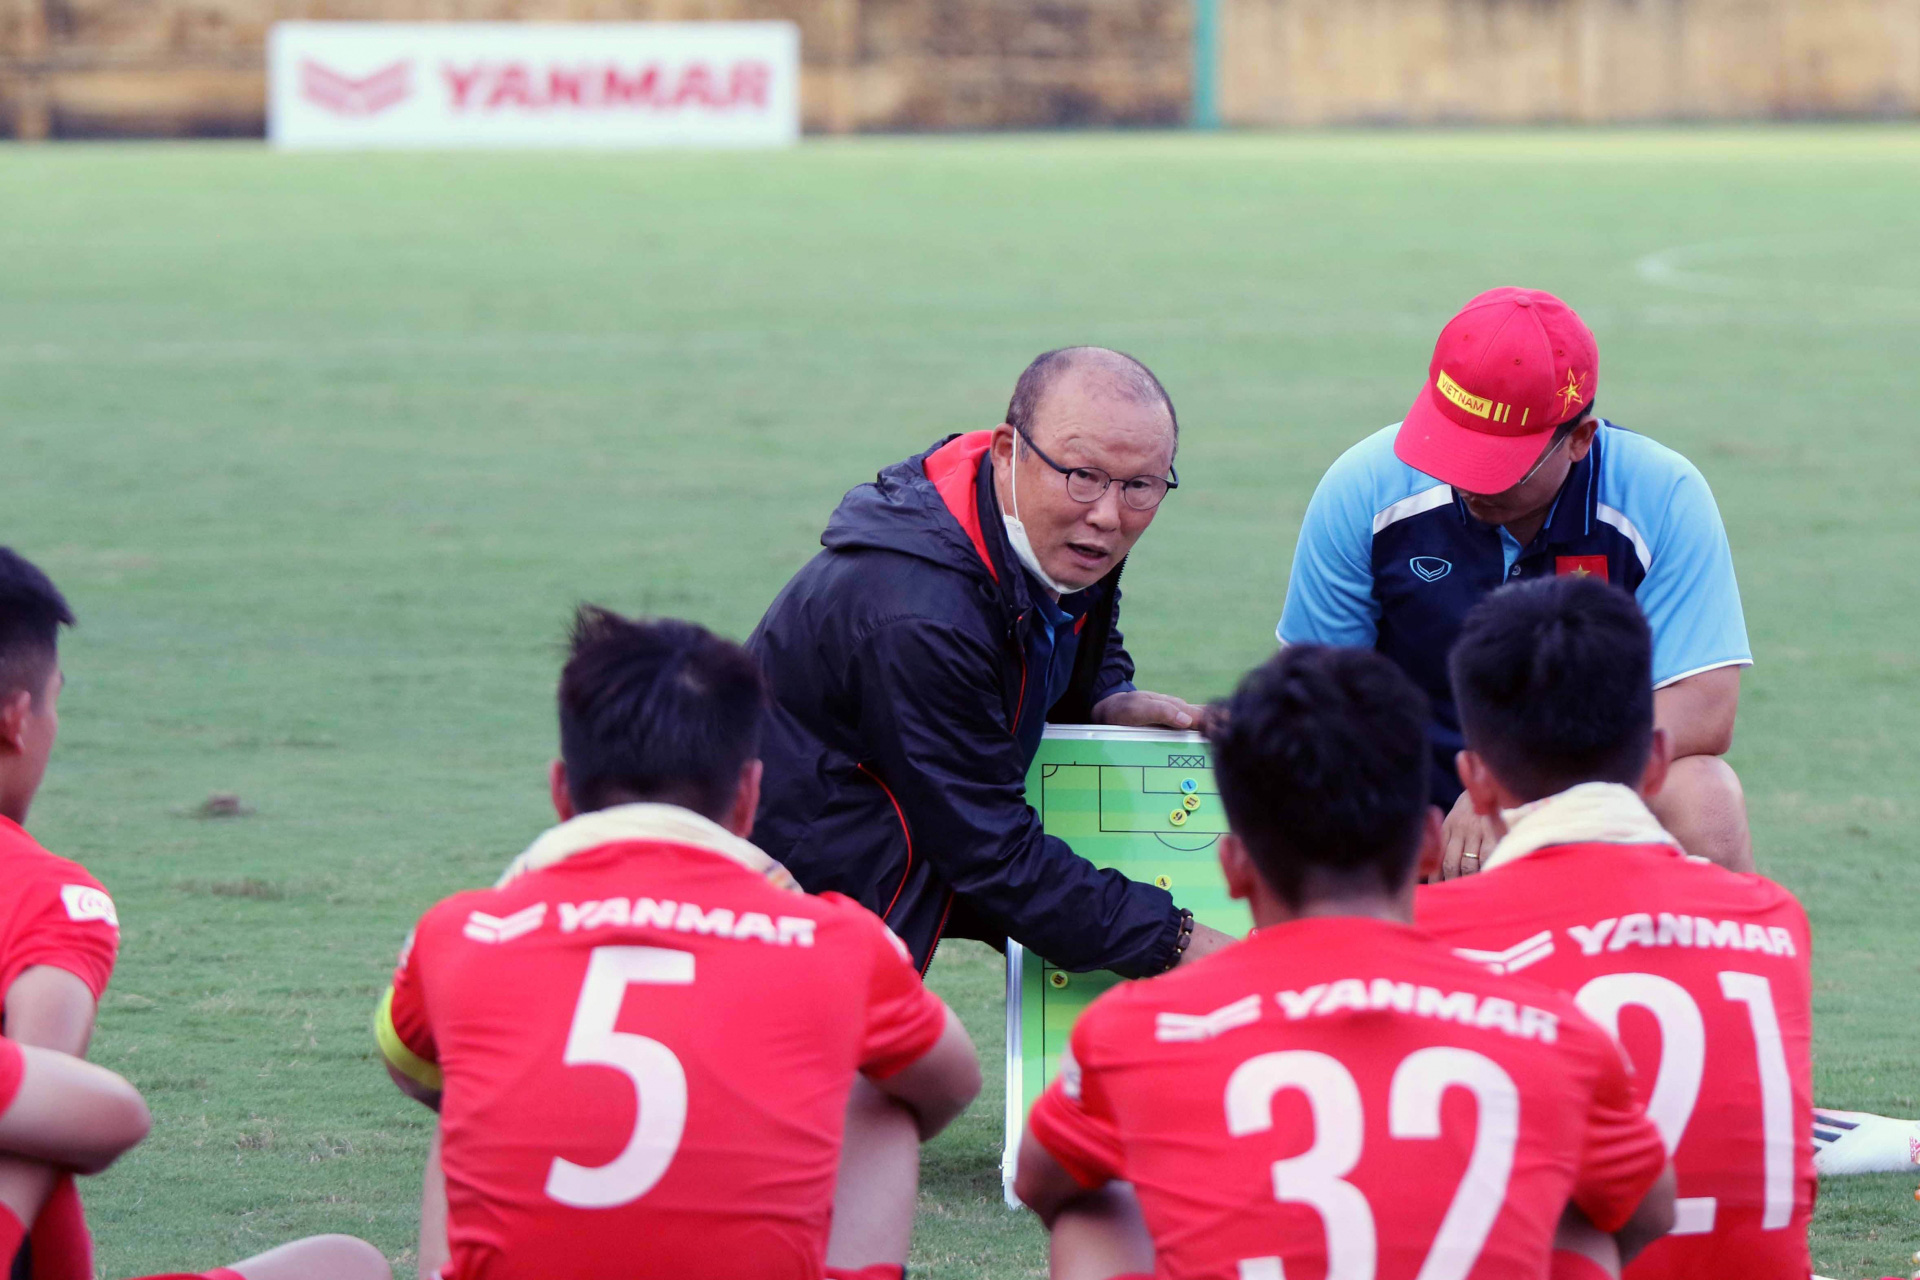 Kế hoạch đặc biệt của HLV Park Hang-seo tại SEA Games 31 - Ảnh 1.